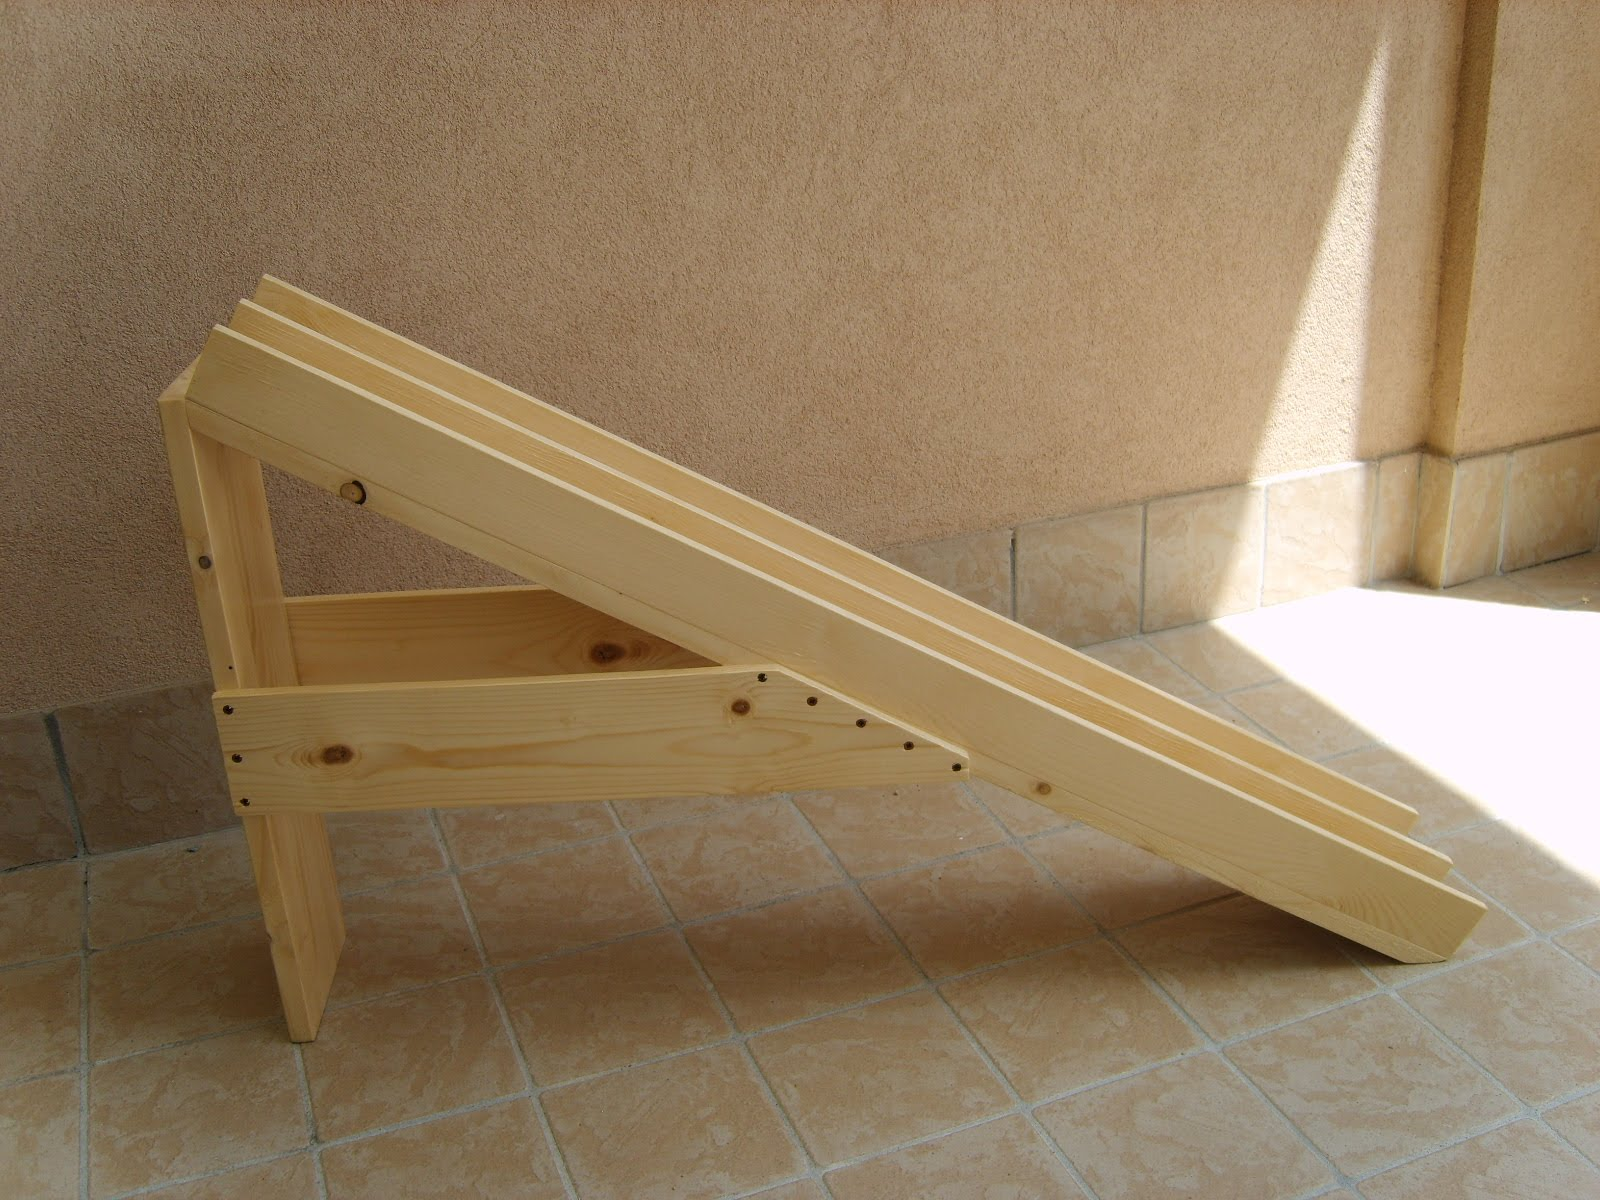 Separatori per pareti in legno - Costruire letto in legno ...